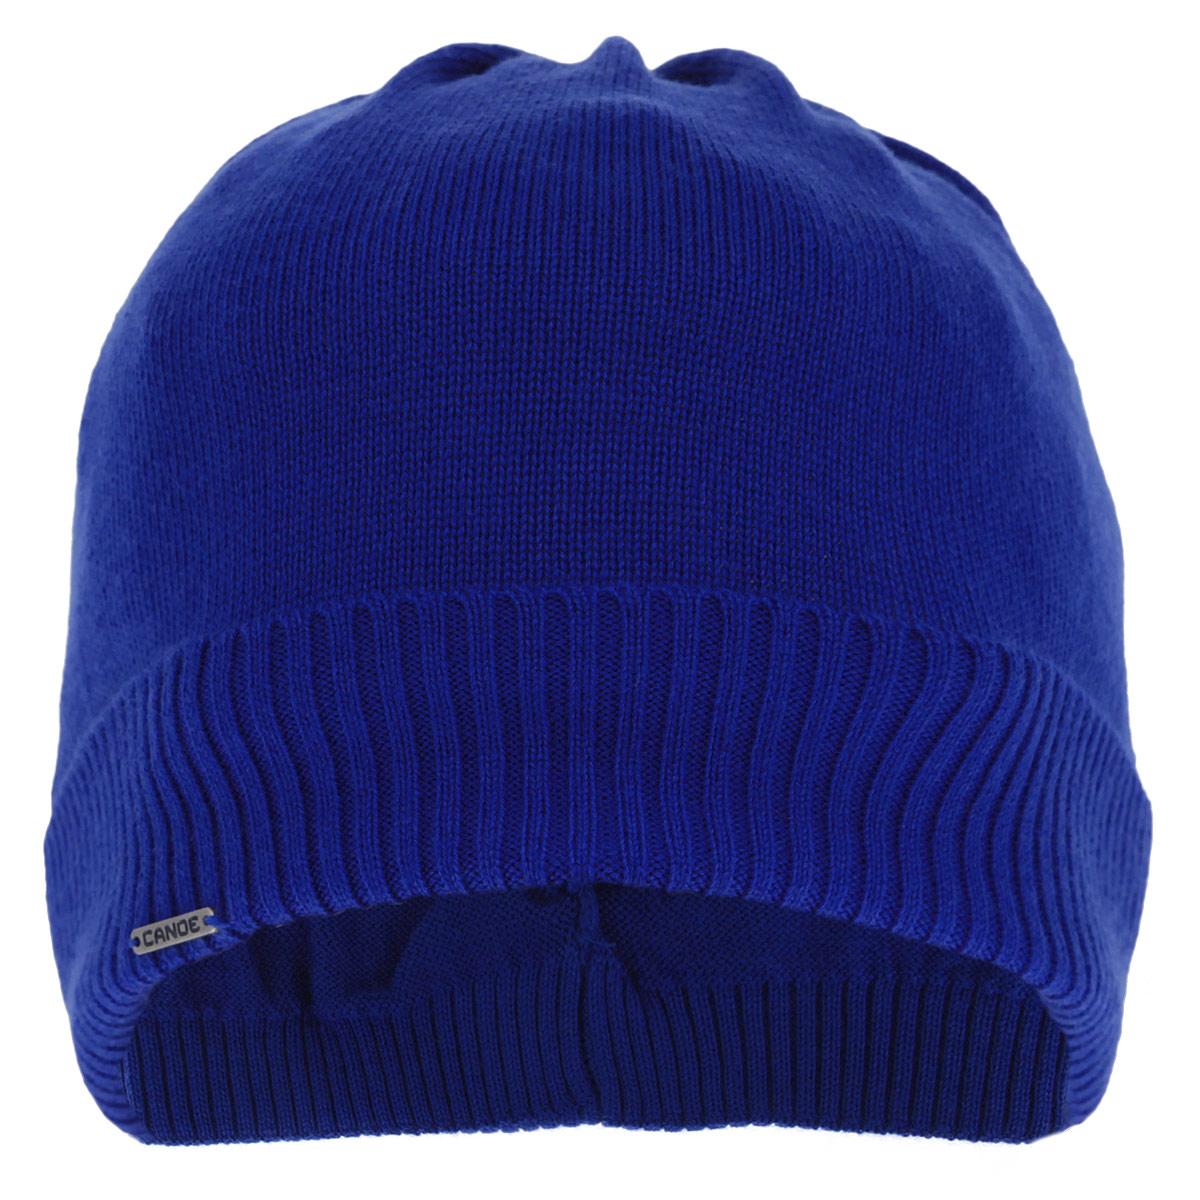 Шапка3446201Женская вязаная шапка Canoe Deb - полушерстяная удлиненная шапочка с отворотом, которая отлично дополнит ваш образ в холодную погоду. Сочетание различных материалов максимально сохраняет тепло и обеспечивает удобную посадку. Сзади модель присборена на эластичную резинку, что придает изделию оригинальность. Шапочка оформлена небольшим декоративным элементом в виде металлической пластины с названием бренда. Такая шапка составит идеальный комплект с модной верхней одеждой, в ней вам будет уютно и тепло! Изделие проходит предварительную стирку и последующую обработку специальными составами и паром для улучшения износоустойчивости, комфорта и приятных тактильных ощущений. Структура шерсти после обработок по новейшим технологиям приобретает легкость, мягкость, морозоустойчивость, становится пушистой, не продуваемой. Изделие долго сохраняет заданную форму.